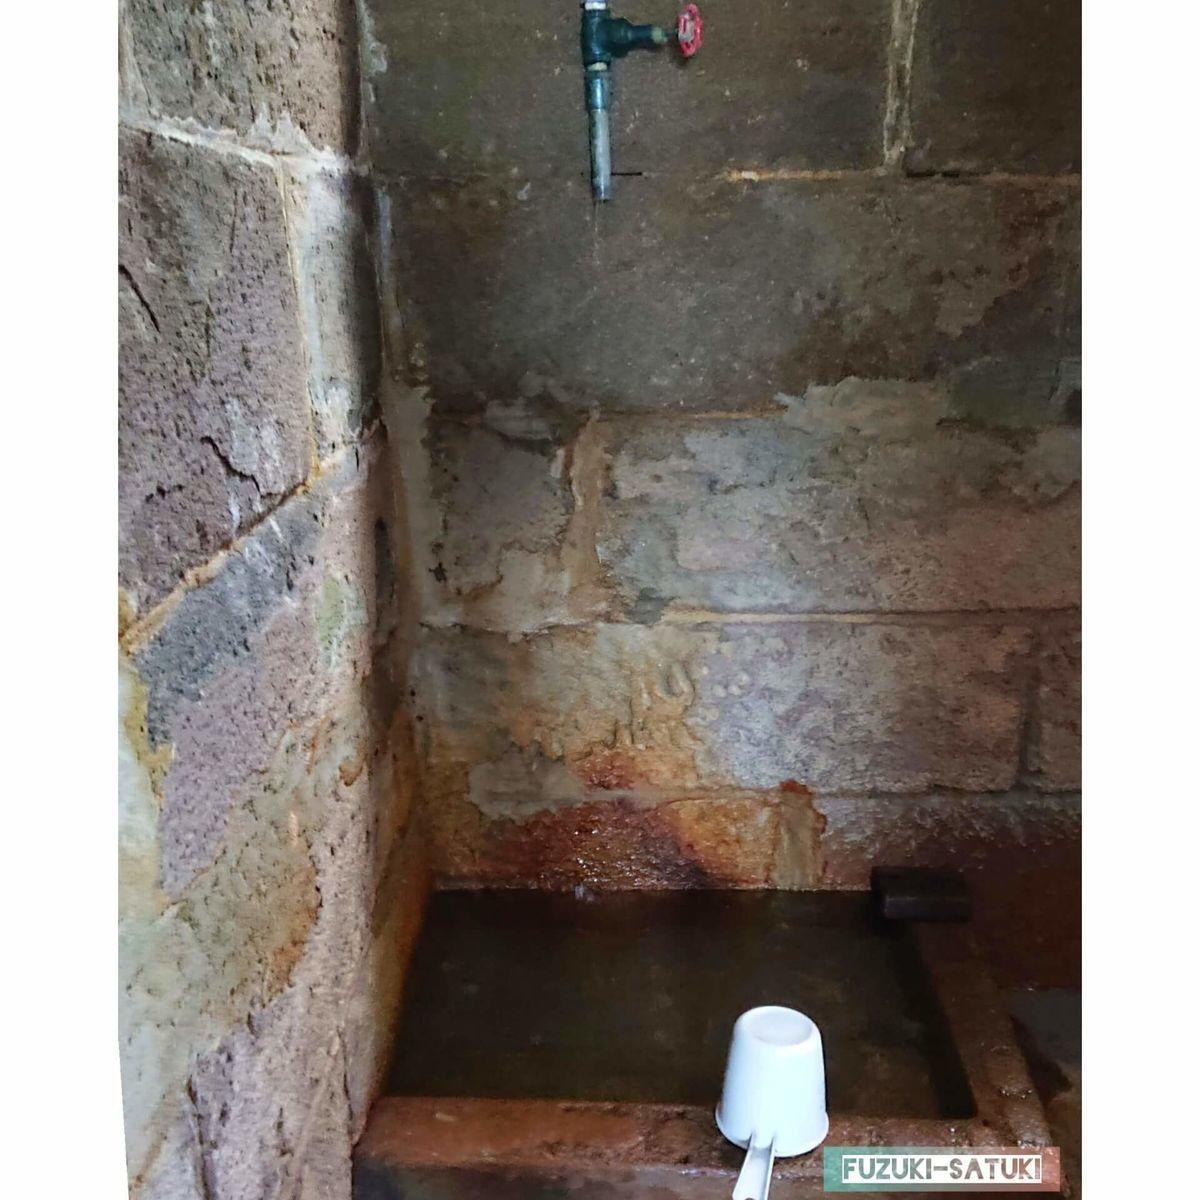 竹の湯 水風呂 山の水か、とても冷たい コップがあるため、飲用できるのかもしれない